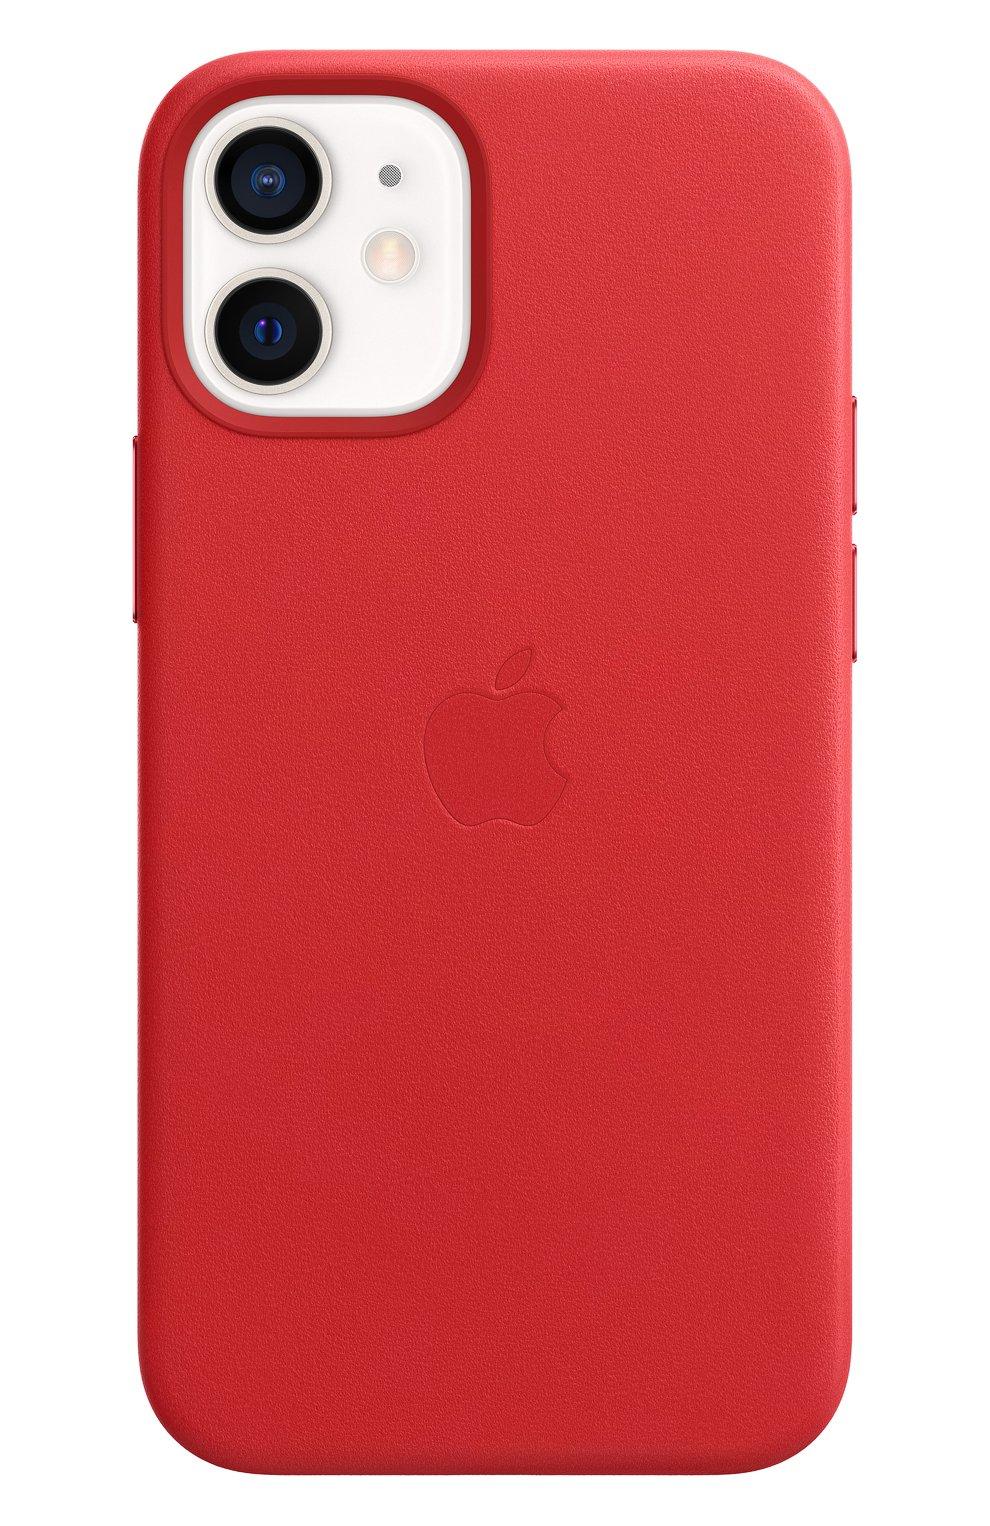 Чехол magsafe для iphone 12 mini APPLE  (product)red цвета, арт. MHK73ZE/A | Фото 2